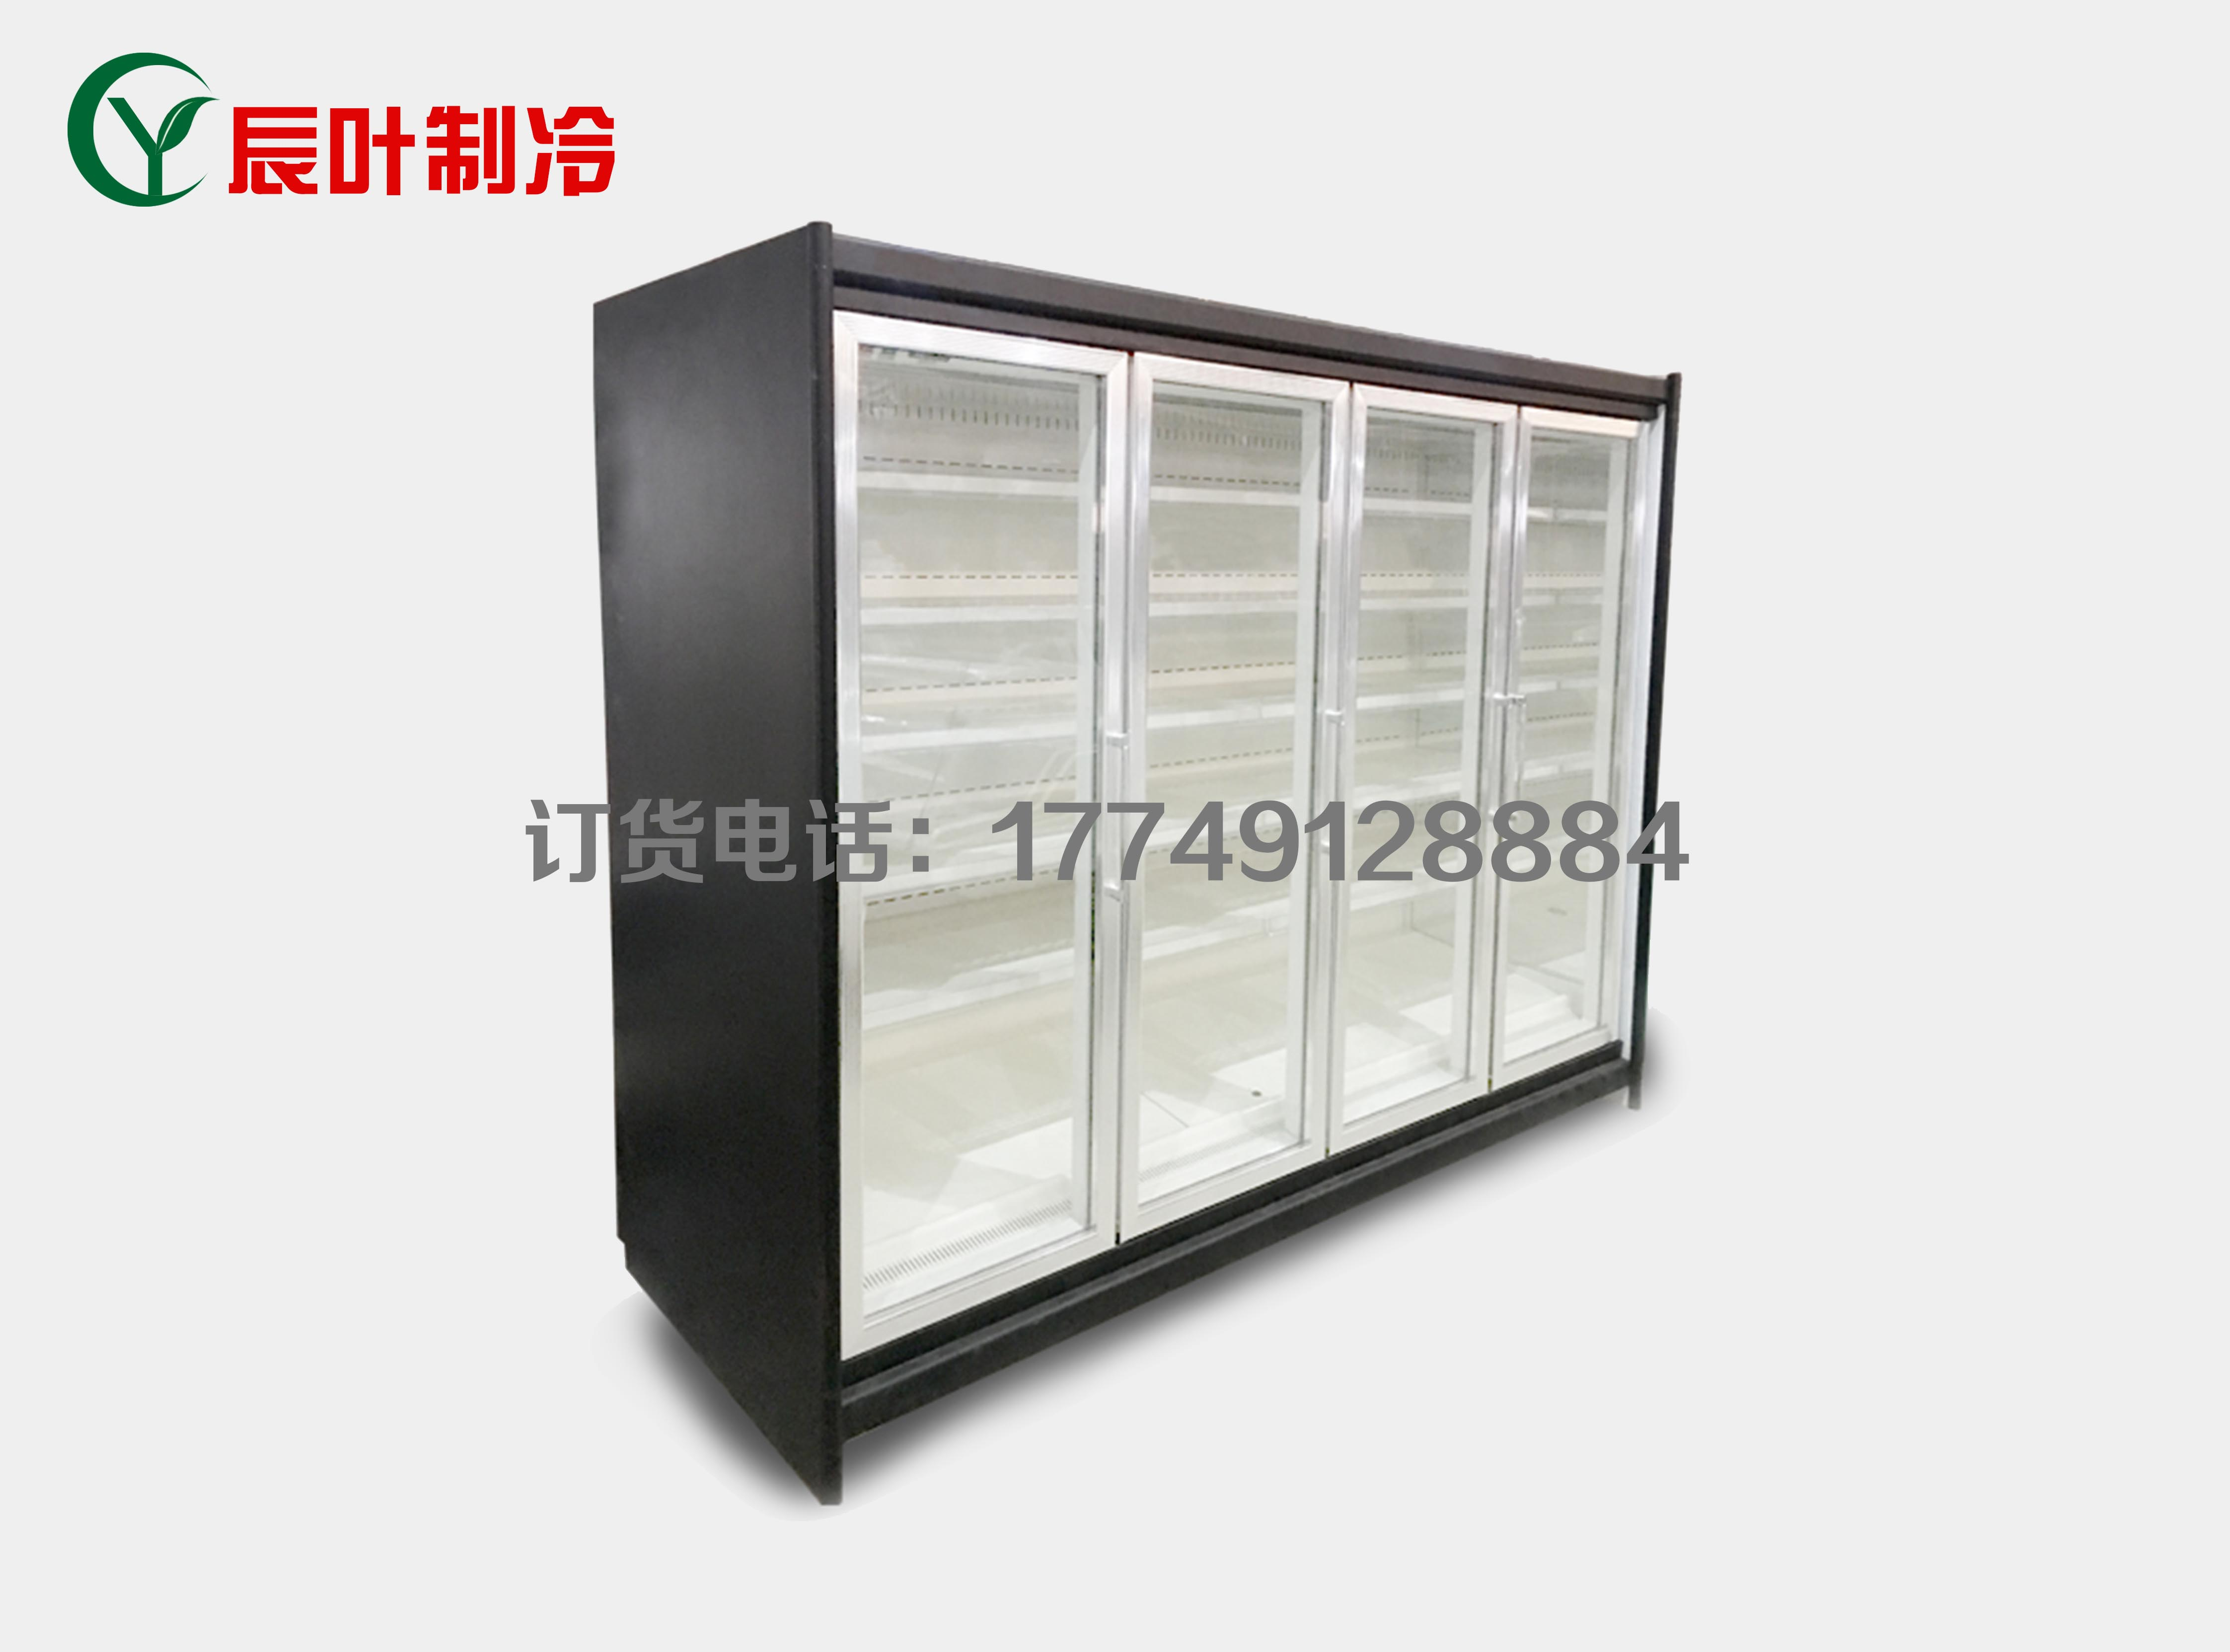 风幕柜低温奶柜